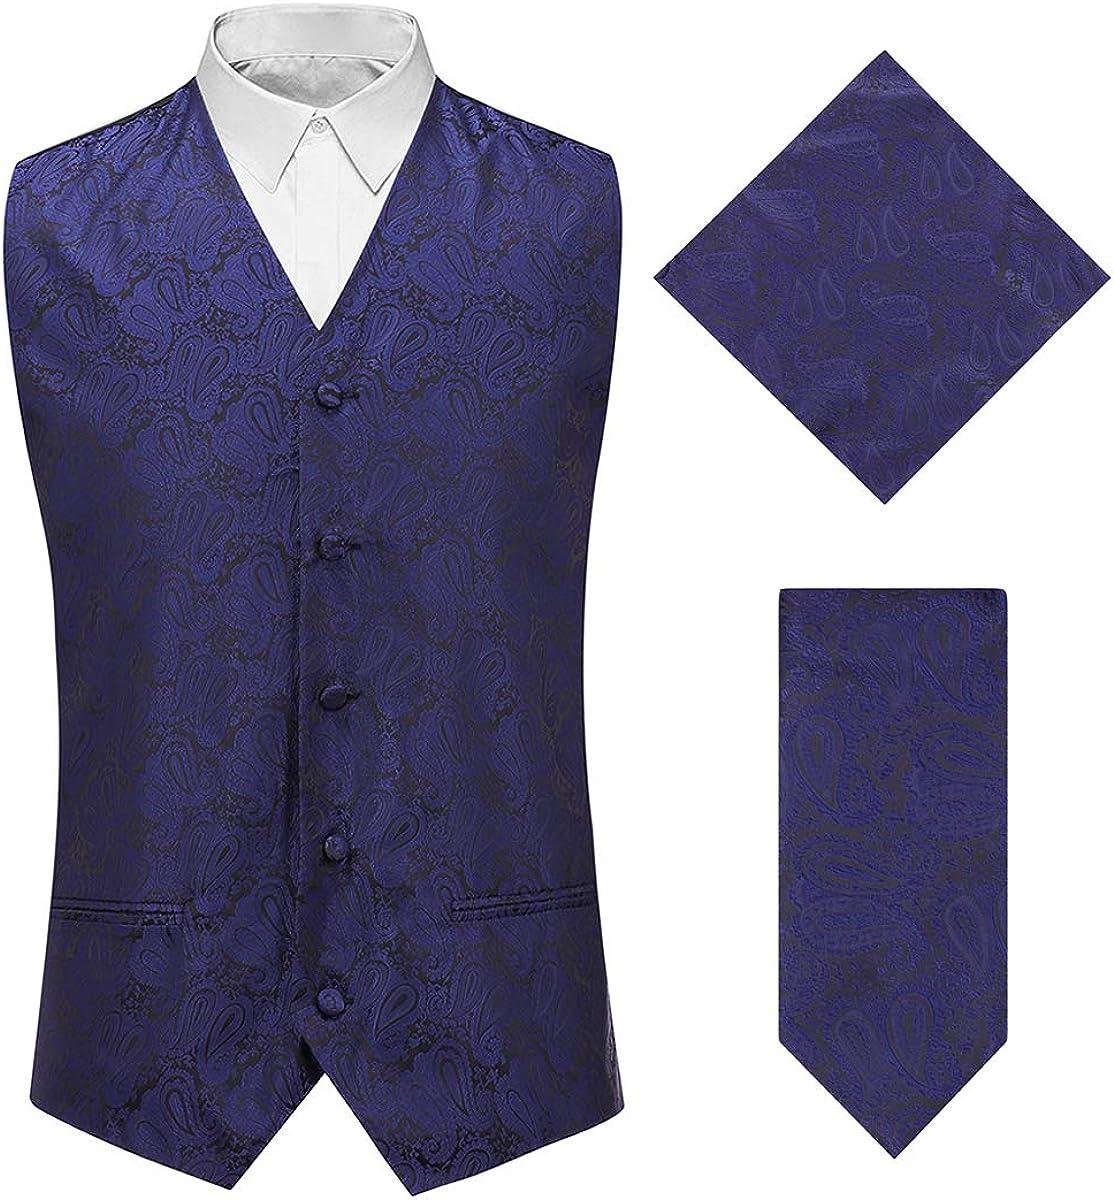 Men's 3pc Paisley Jacquard Vest Necktie Pocket Square Set for Suit or Tuxedo